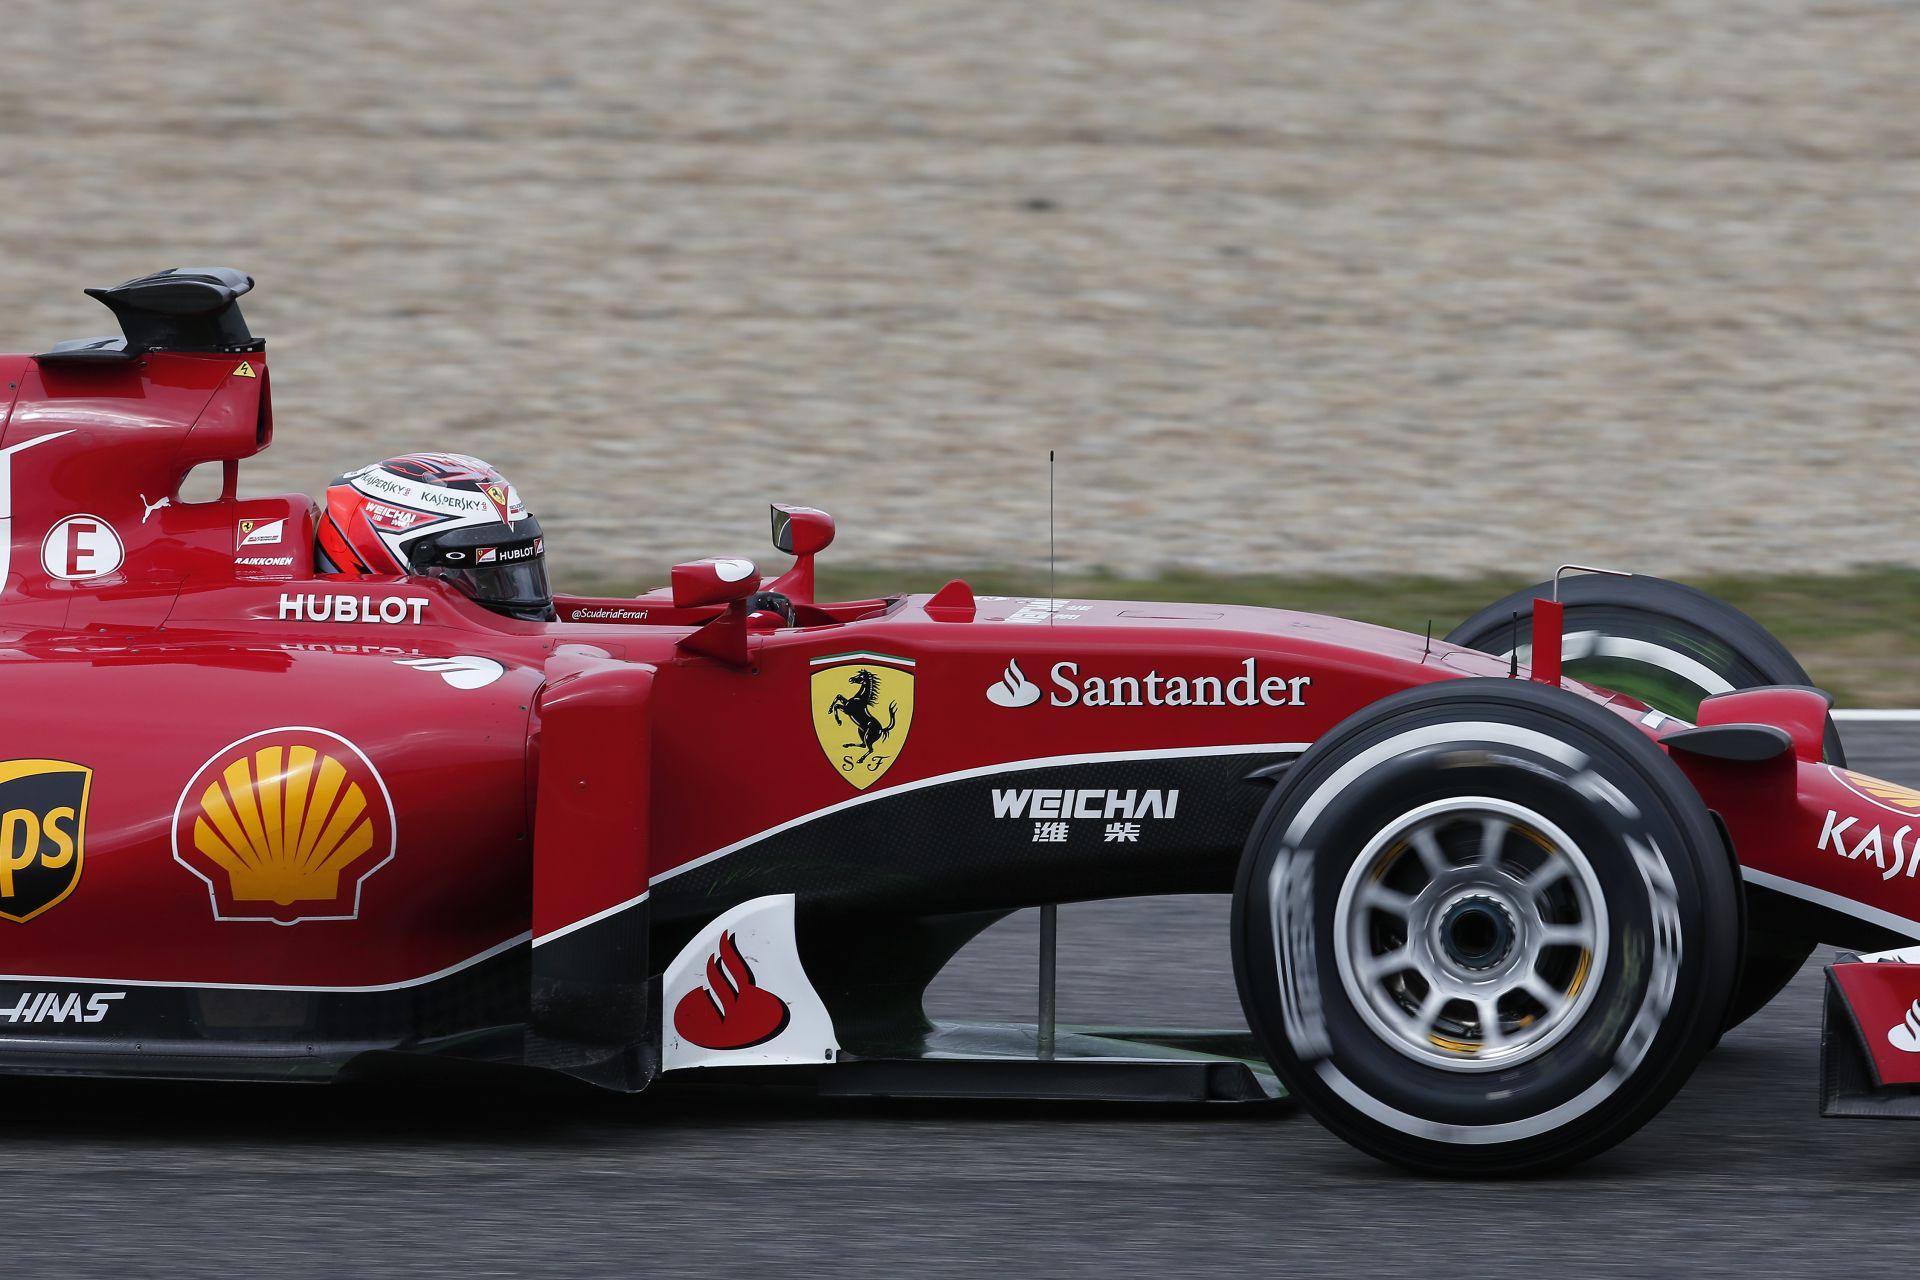 Legenda dolgozott Raikkönen és Vettel autóján